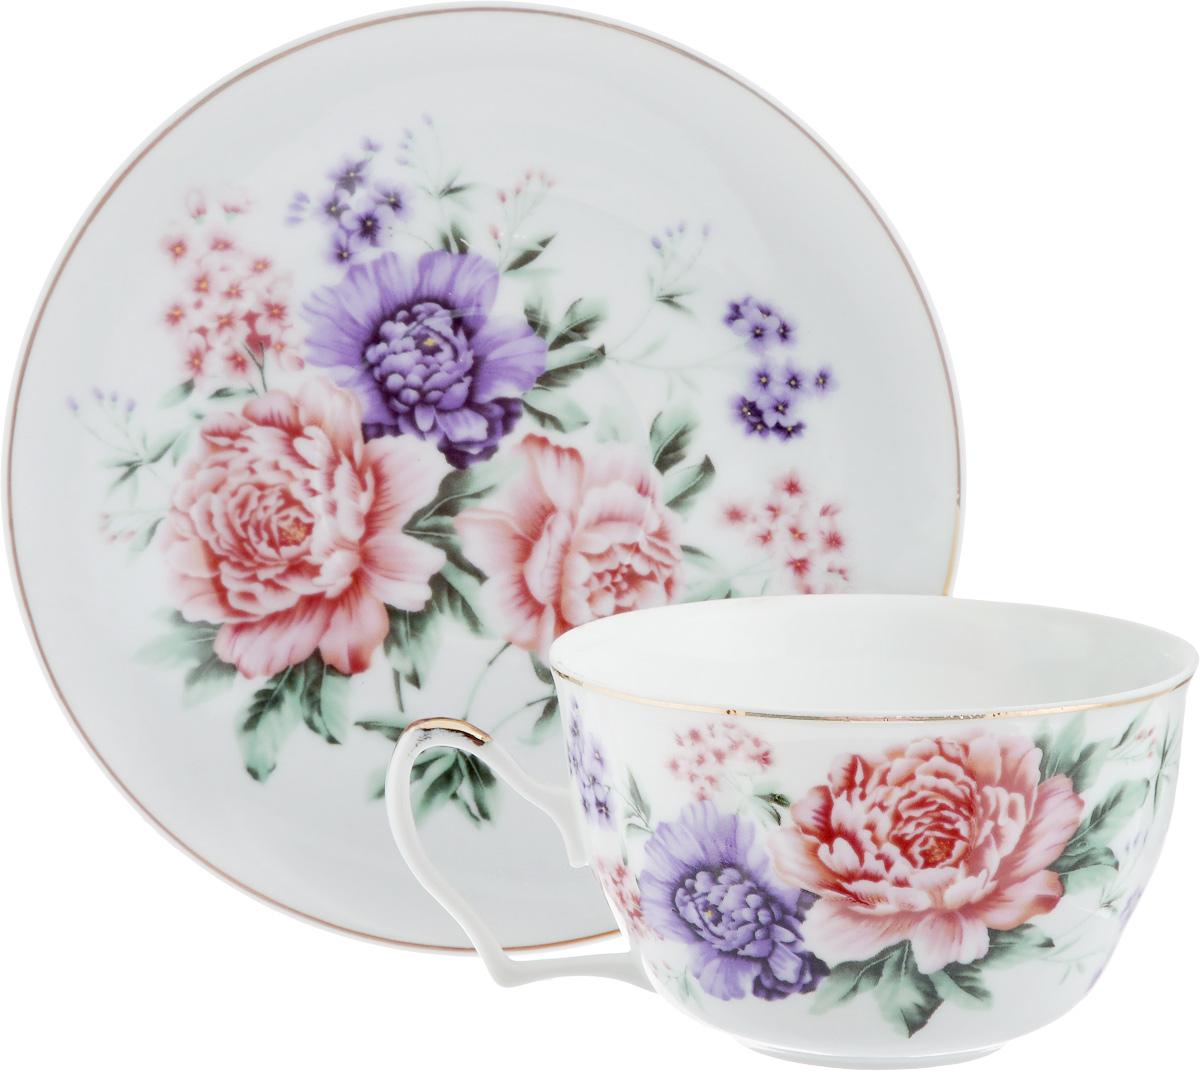 Чайная пара Loraine, 2 предмета. 2459524595Чайная пара Loraine состоит из чашки и блюдца. Изделия, выполненные из высококачественной керамики, имеют элегантный дизайн и декорированы изображением цветов. Такая чайная пара прекрасно подойдет как для повседневного использования, так и для праздников. Изящный дизайн и красочность оформления придутся по вкусу и ценителям классики, и тем, кто предпочитает утонченность и изысканность. Чайный пара Loraine - это не только яркий и полезный подарок для родных и близких, это также великолепное дизайнерское решение для вашей кухни или столовой. Объем чашки: 250 мл. Диаметр чашки (по верхнему краю): 9,5 см. Высота чашки: 6 см. Диаметр блюдца: 15 см. Высота блюдца: 2 см.